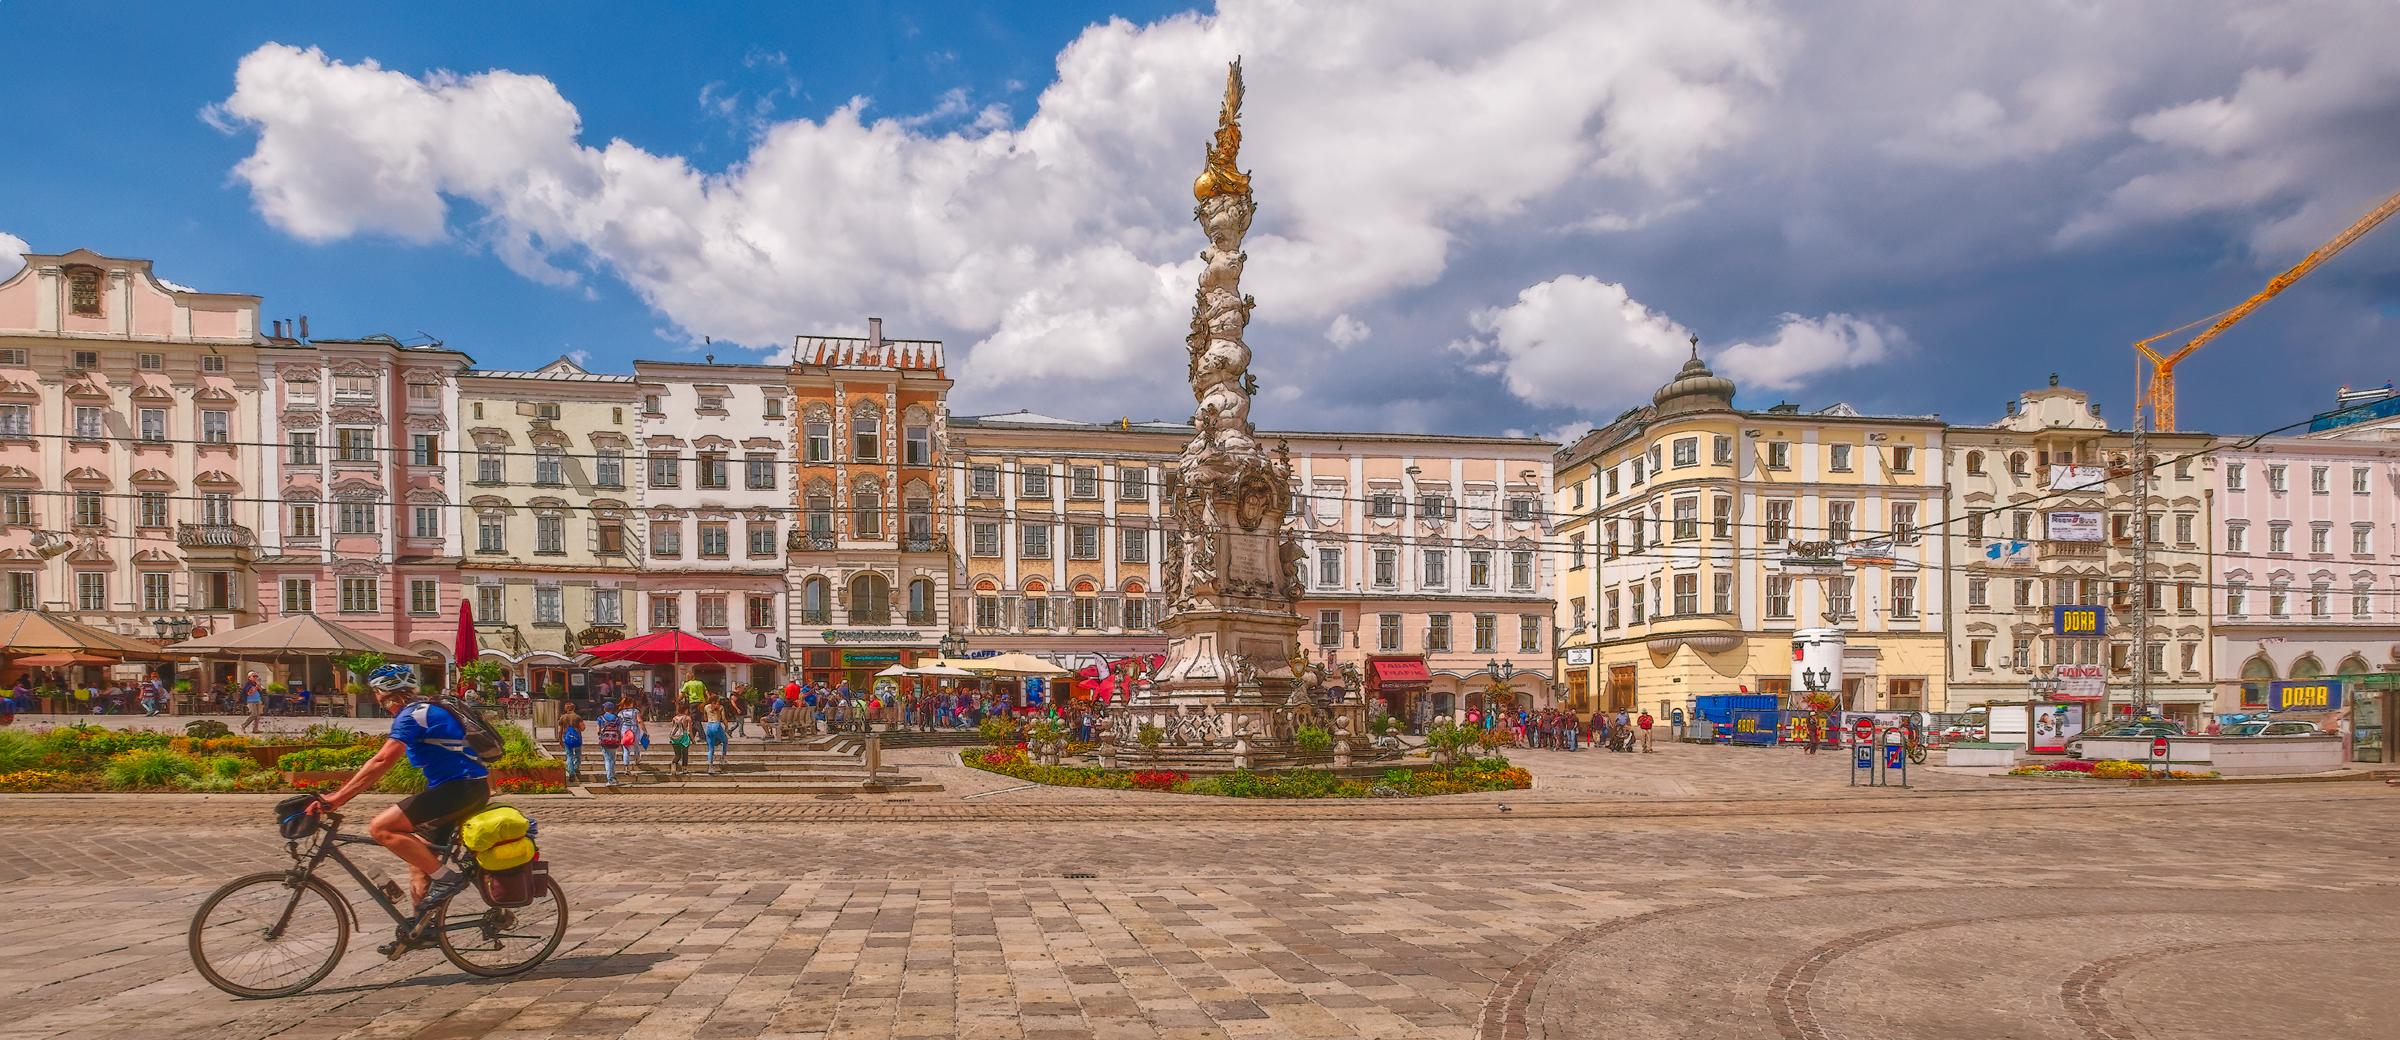 Linz, Austria Plaza